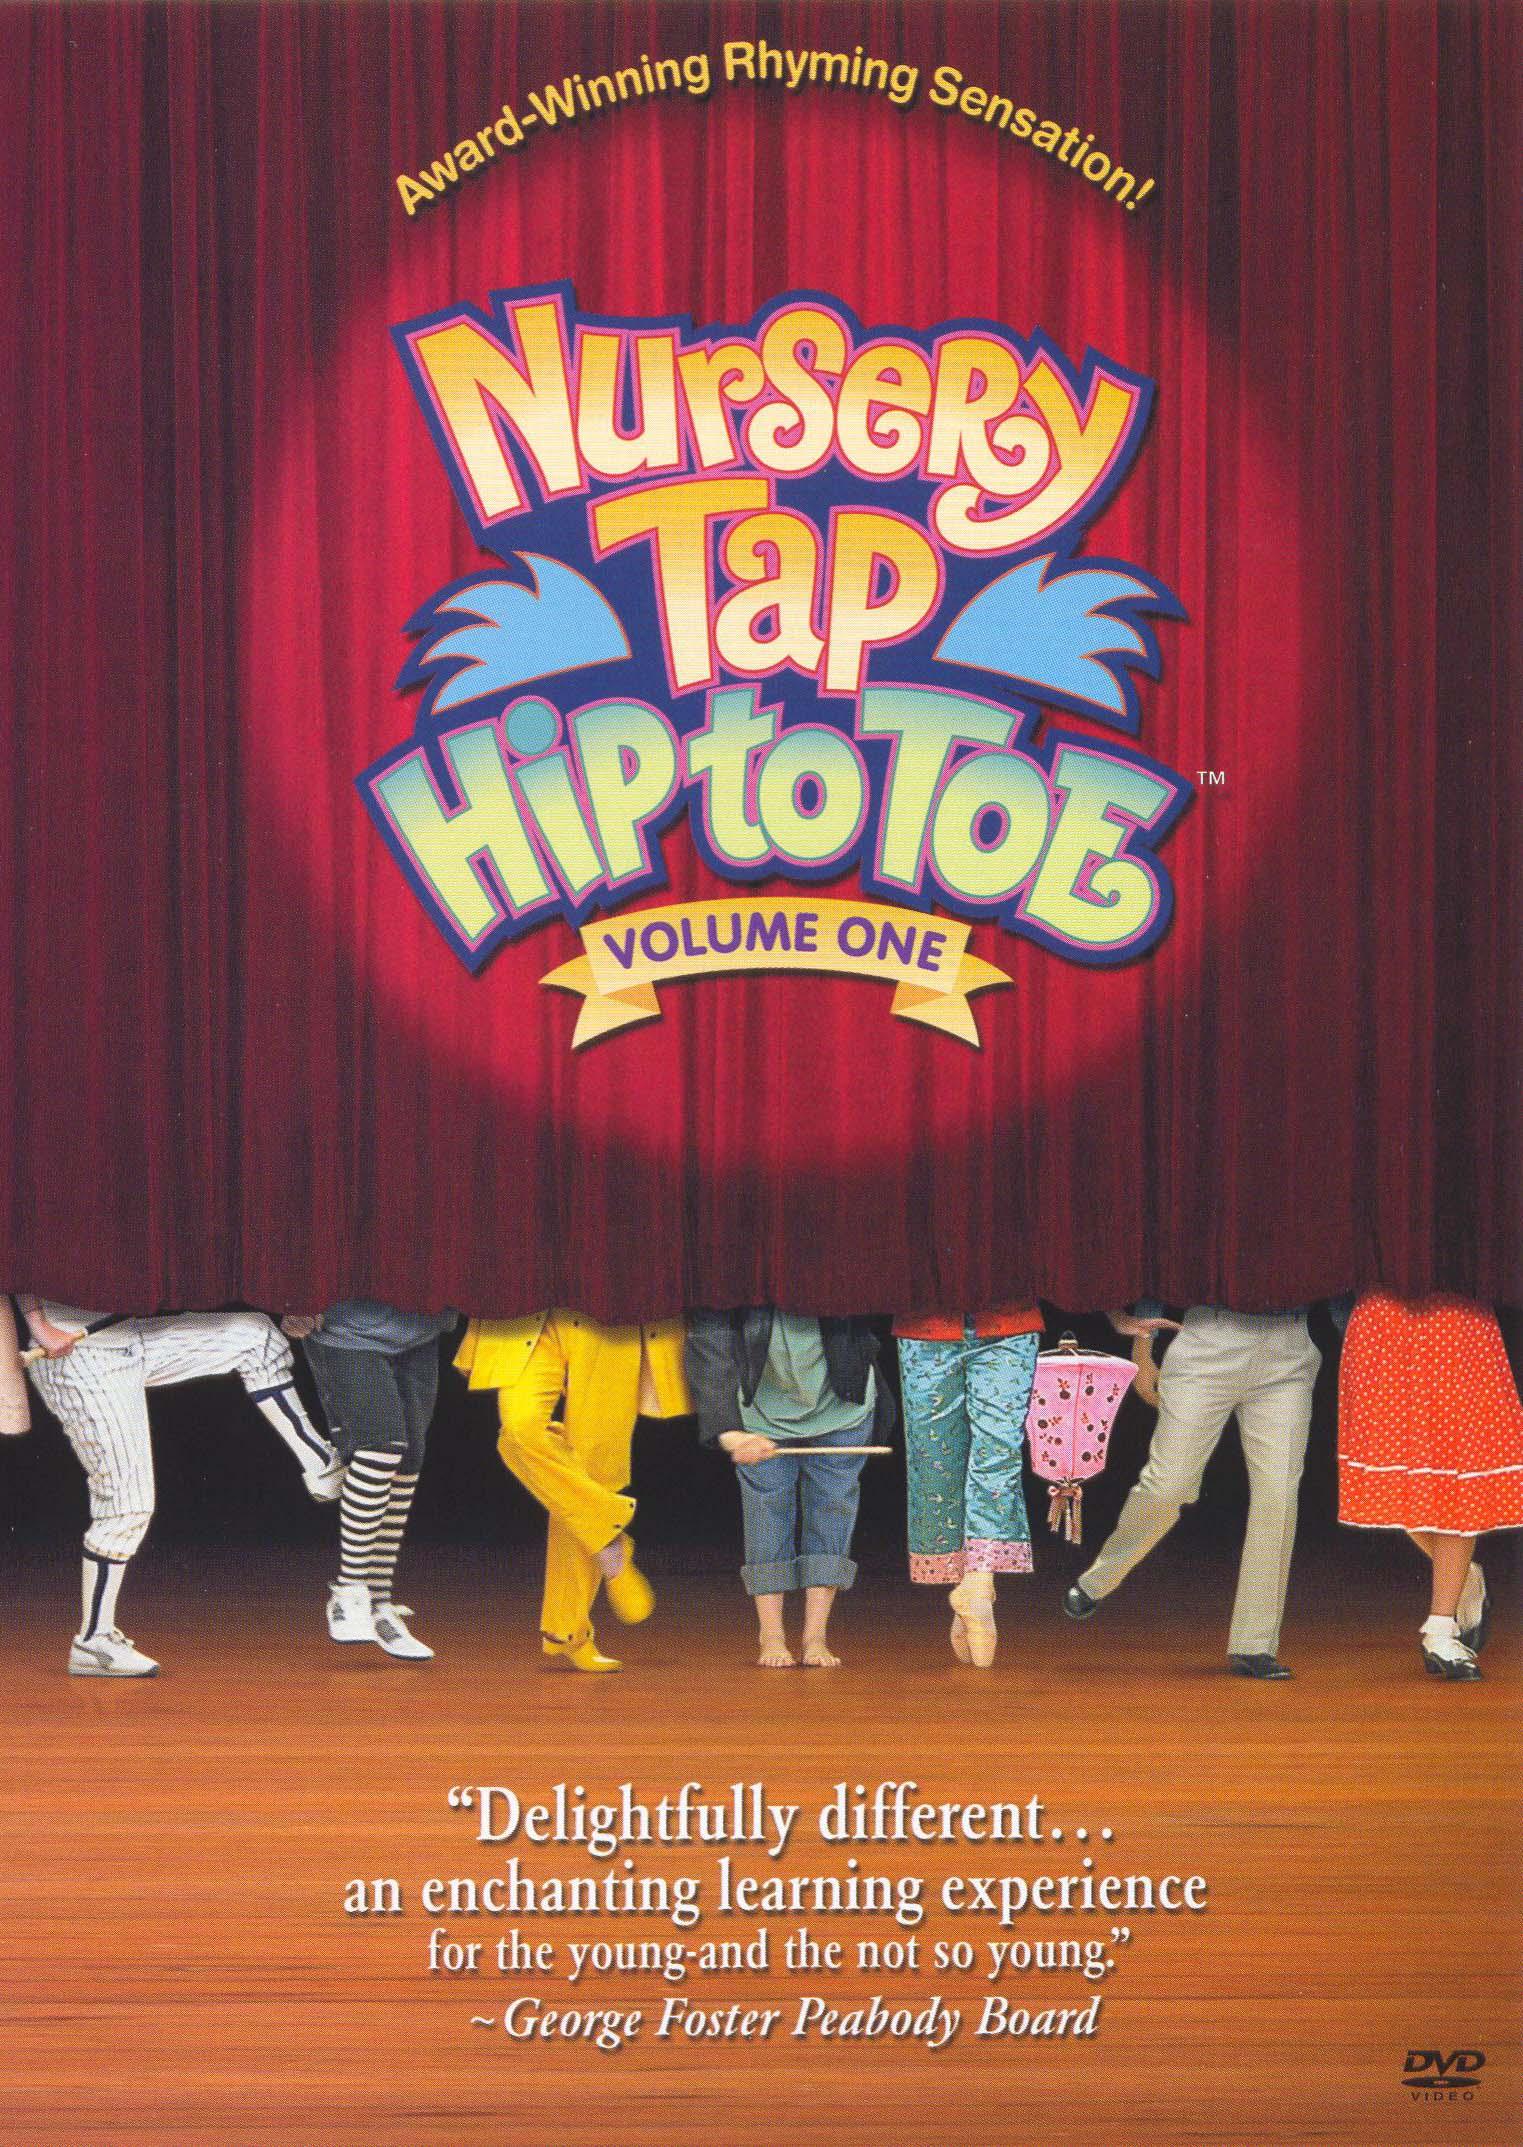 Nursery Tap: Hip to Toe